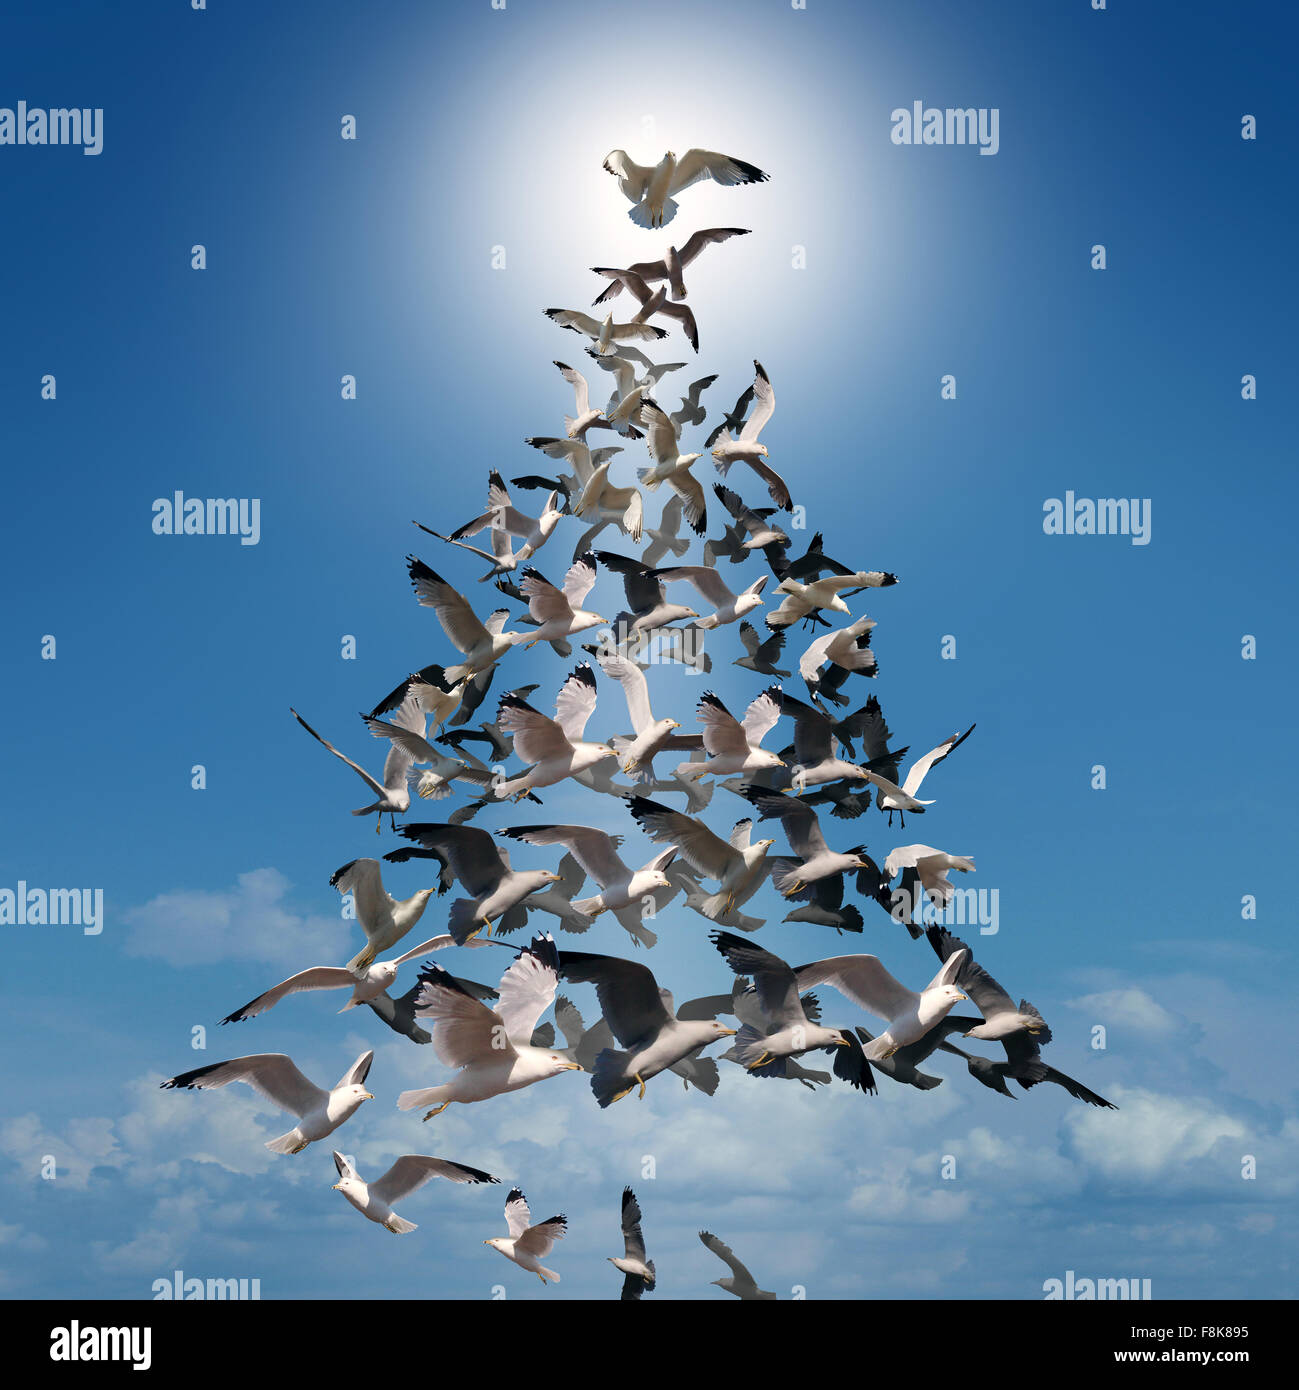 Weihnachtsbaum der Hoffnung spirituellen Konzepts als eine Gruppe von Vögel fliegen in koordinierten Stil geformt Stockbild